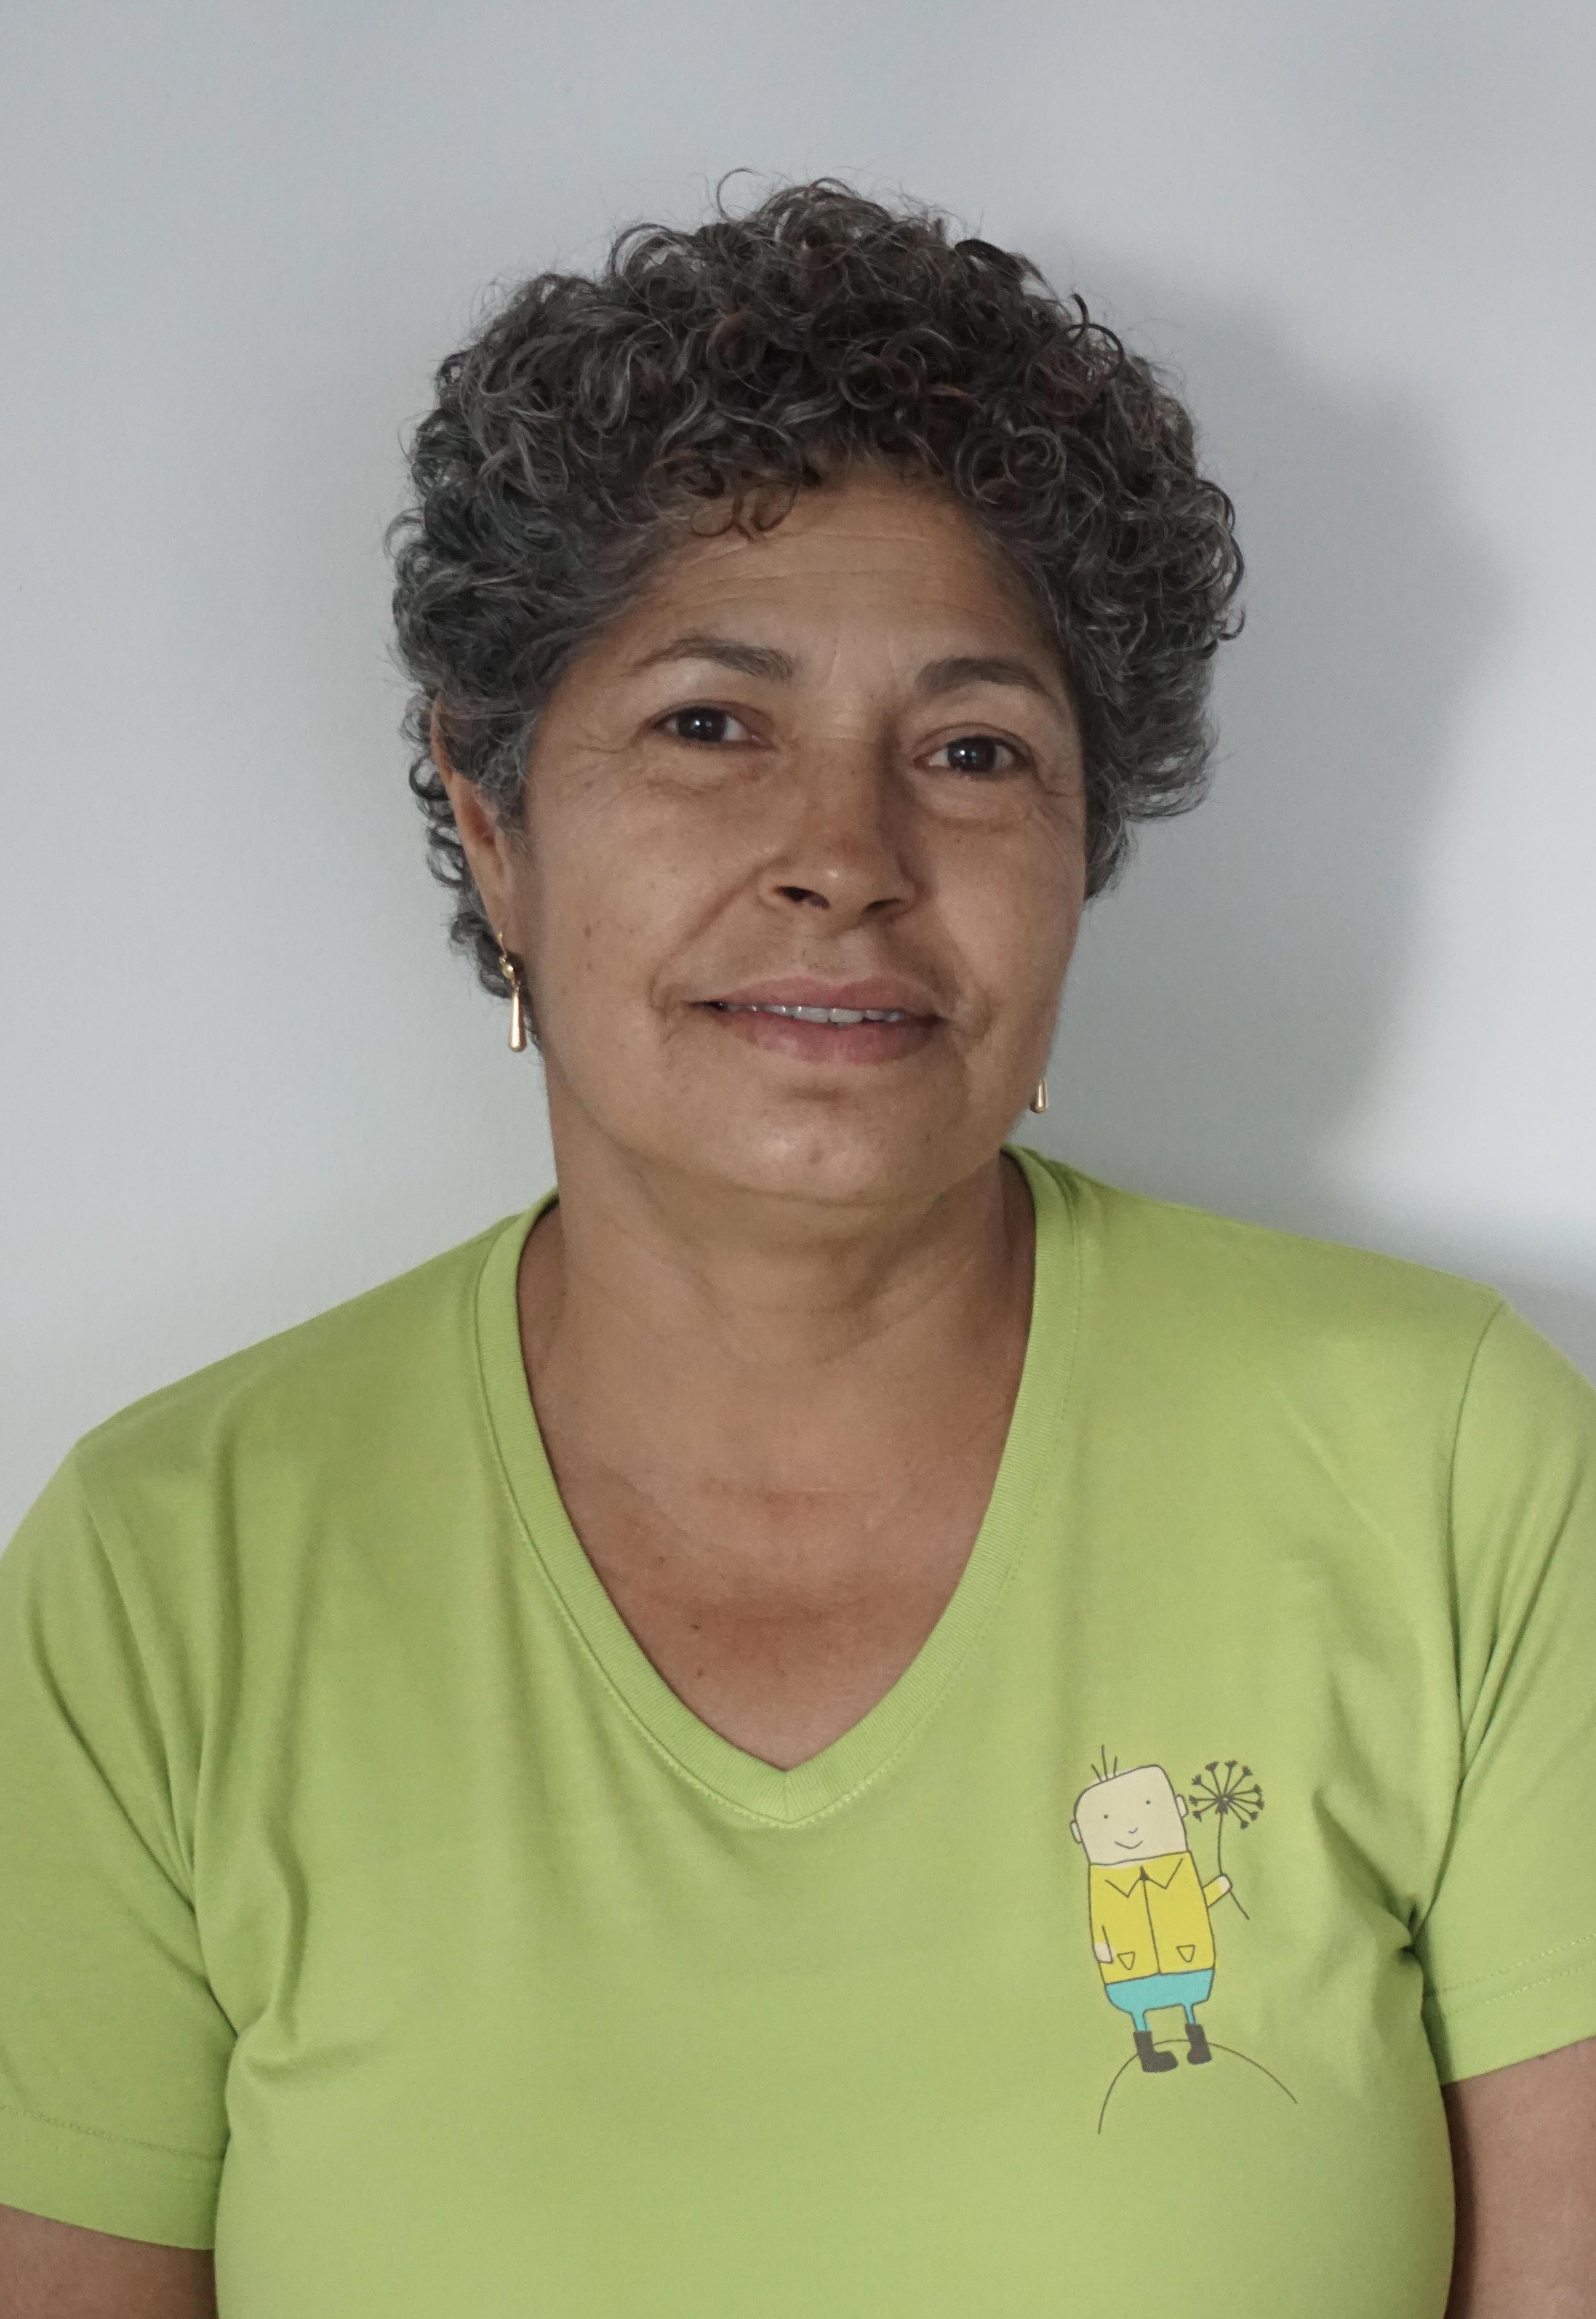 Marlene Hofer